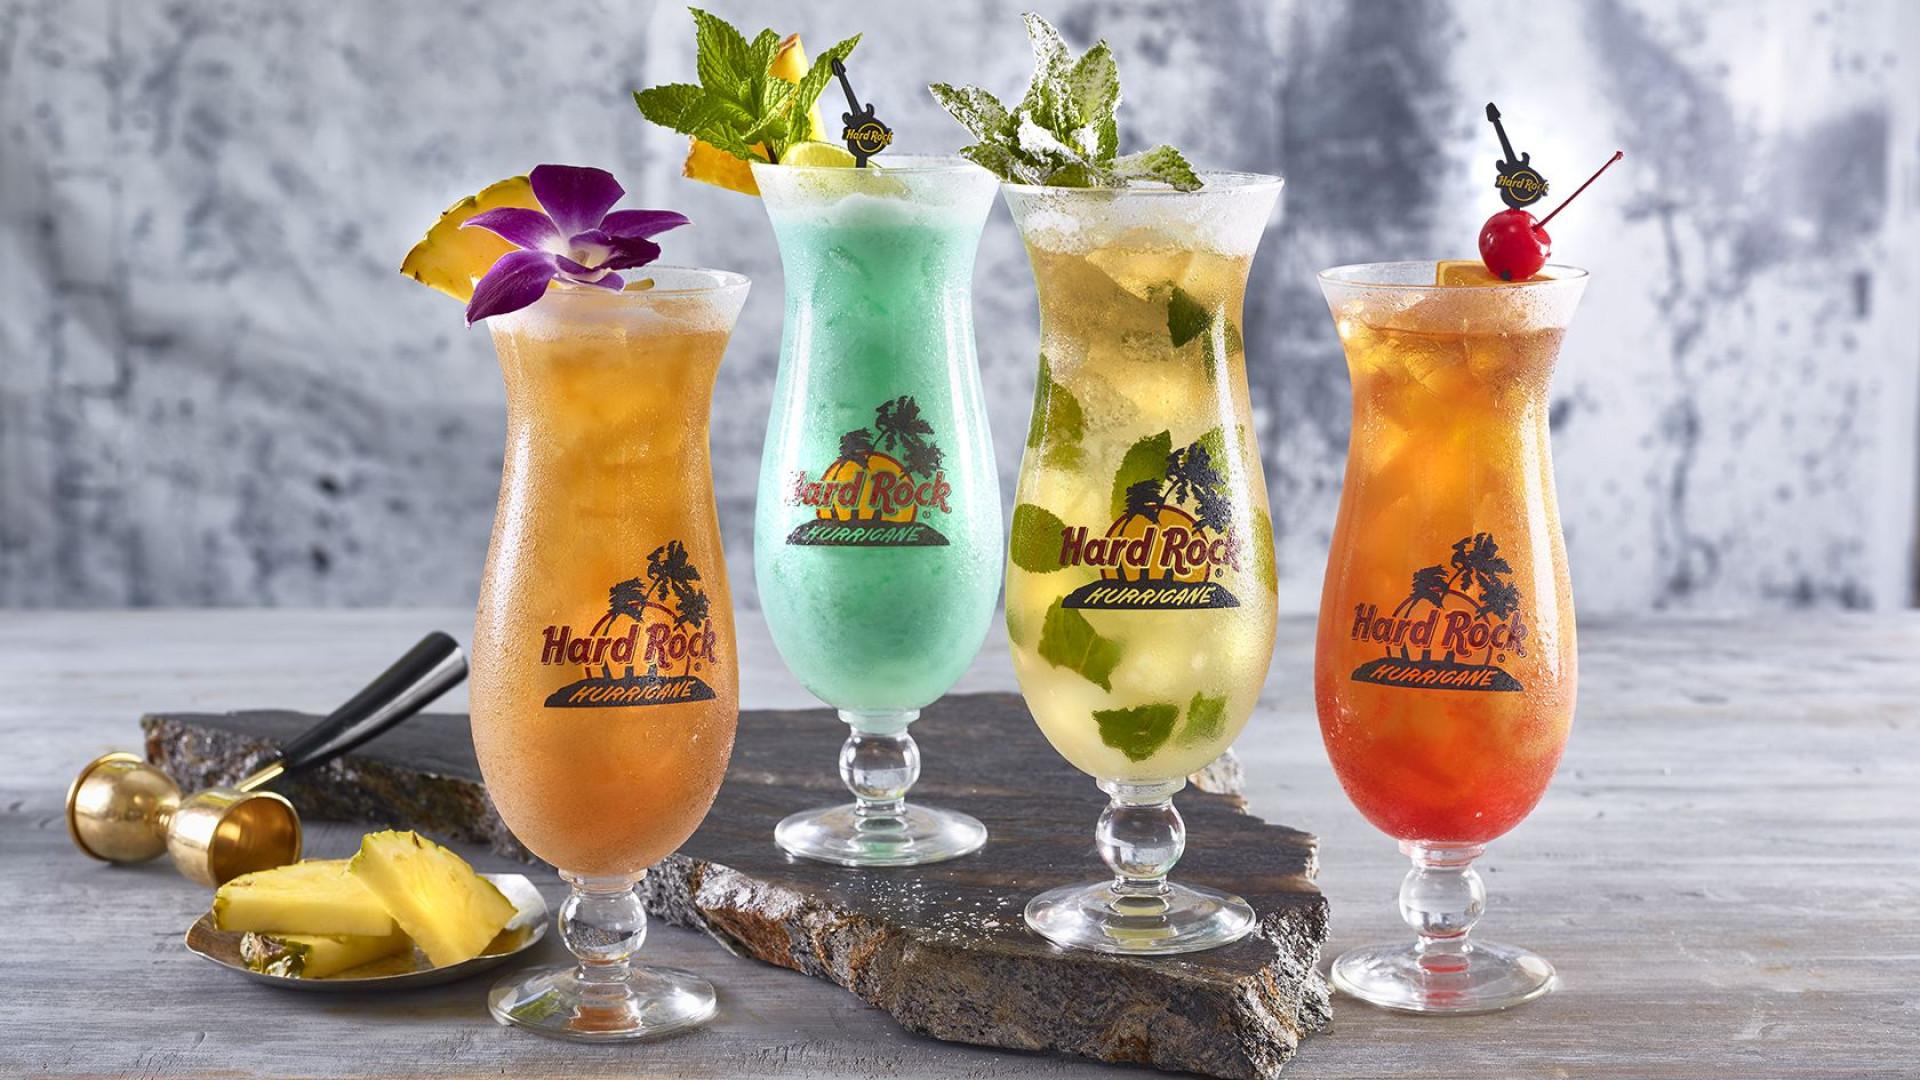 Refresque-se com os novos cocktails de verão do Hard Rock Café